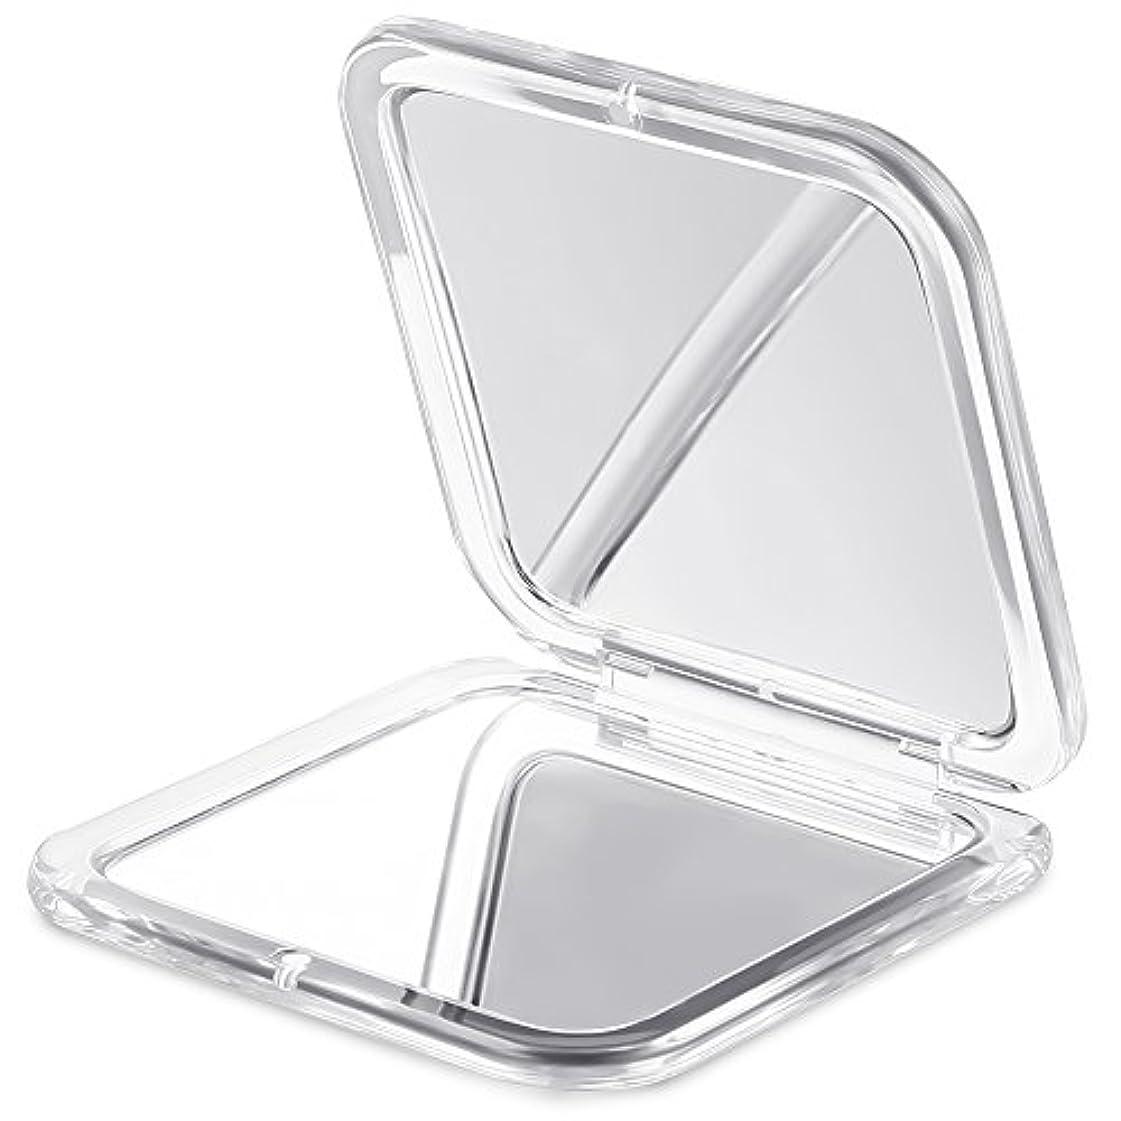 チャットグローバル鷲Jerrybox 両面コンパクトミラー 化粧鏡 拡大鏡 5倍拡大+等倍鏡 折りたたみ式 コンパクト鏡 携帯ミラー 外出に